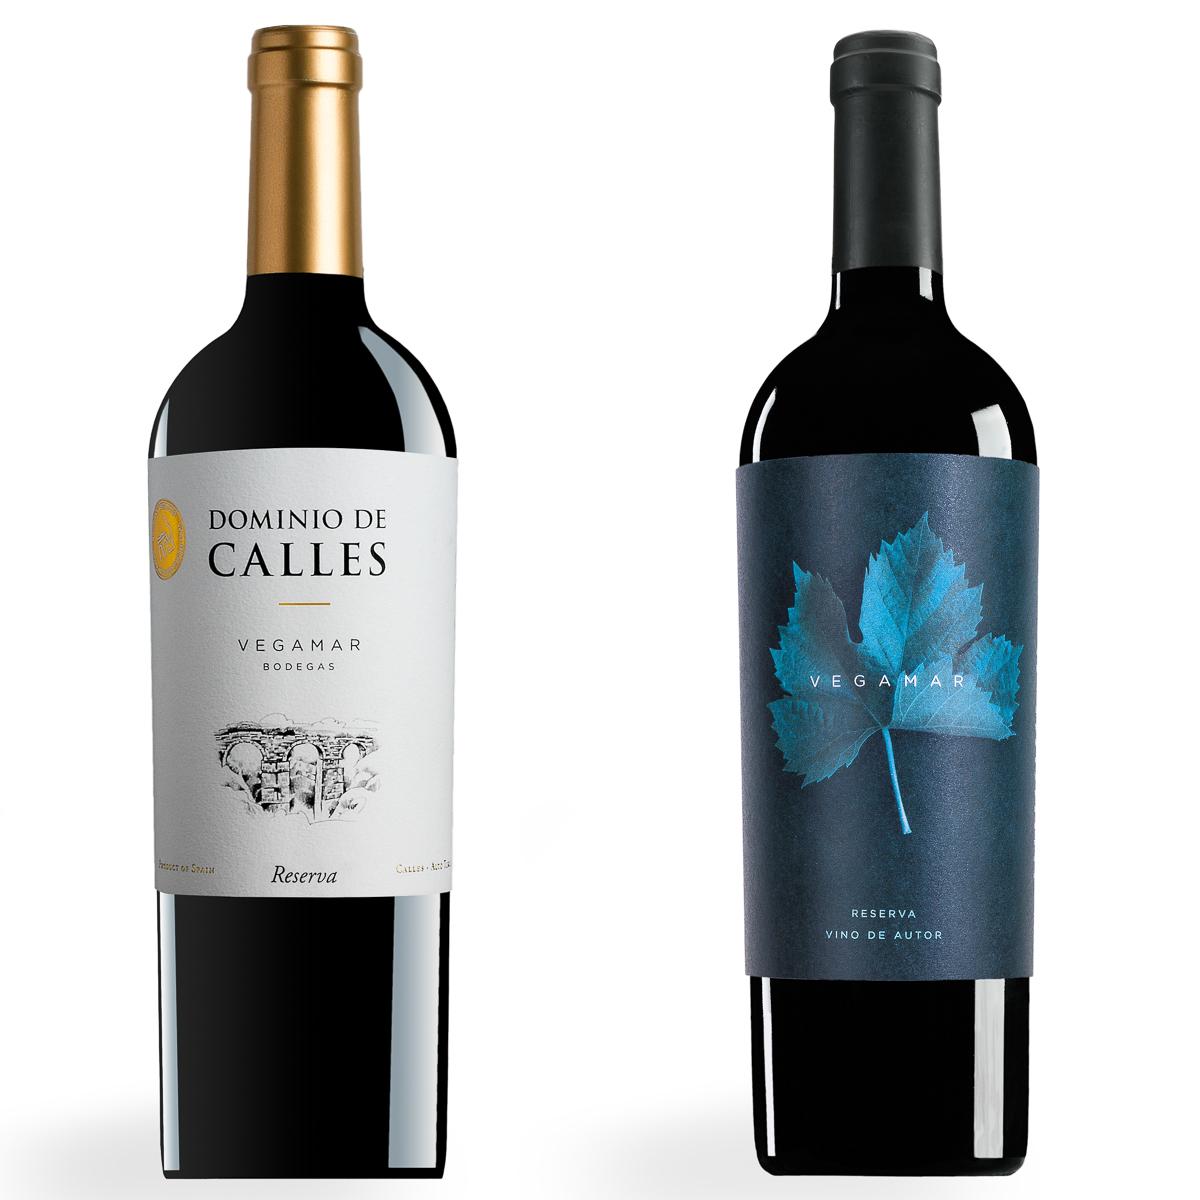 Fotografía producto, Vinos Bodegas Vegamar